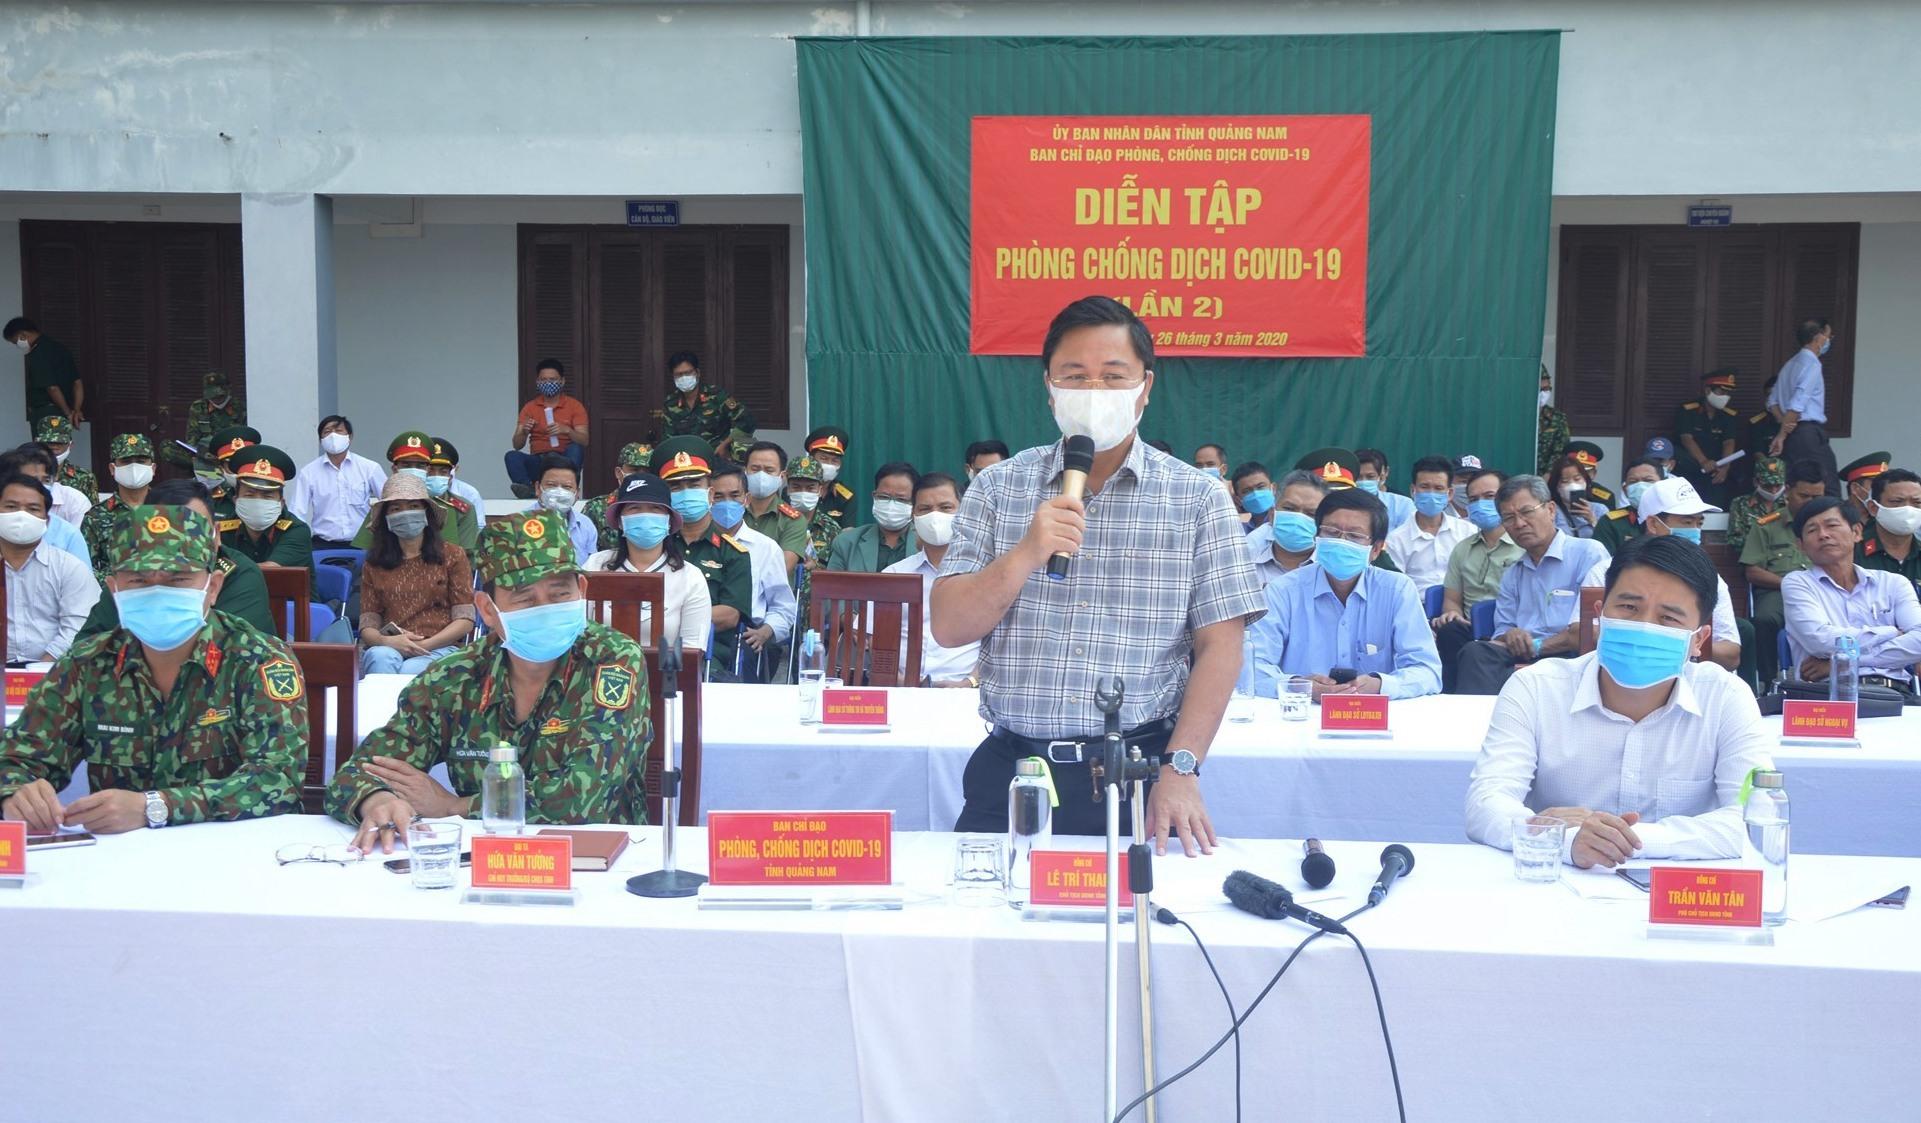 Chủ tịch UBND tỉnh Lê Trí Thanh, chỉ đạo tại buổi diễn tập.